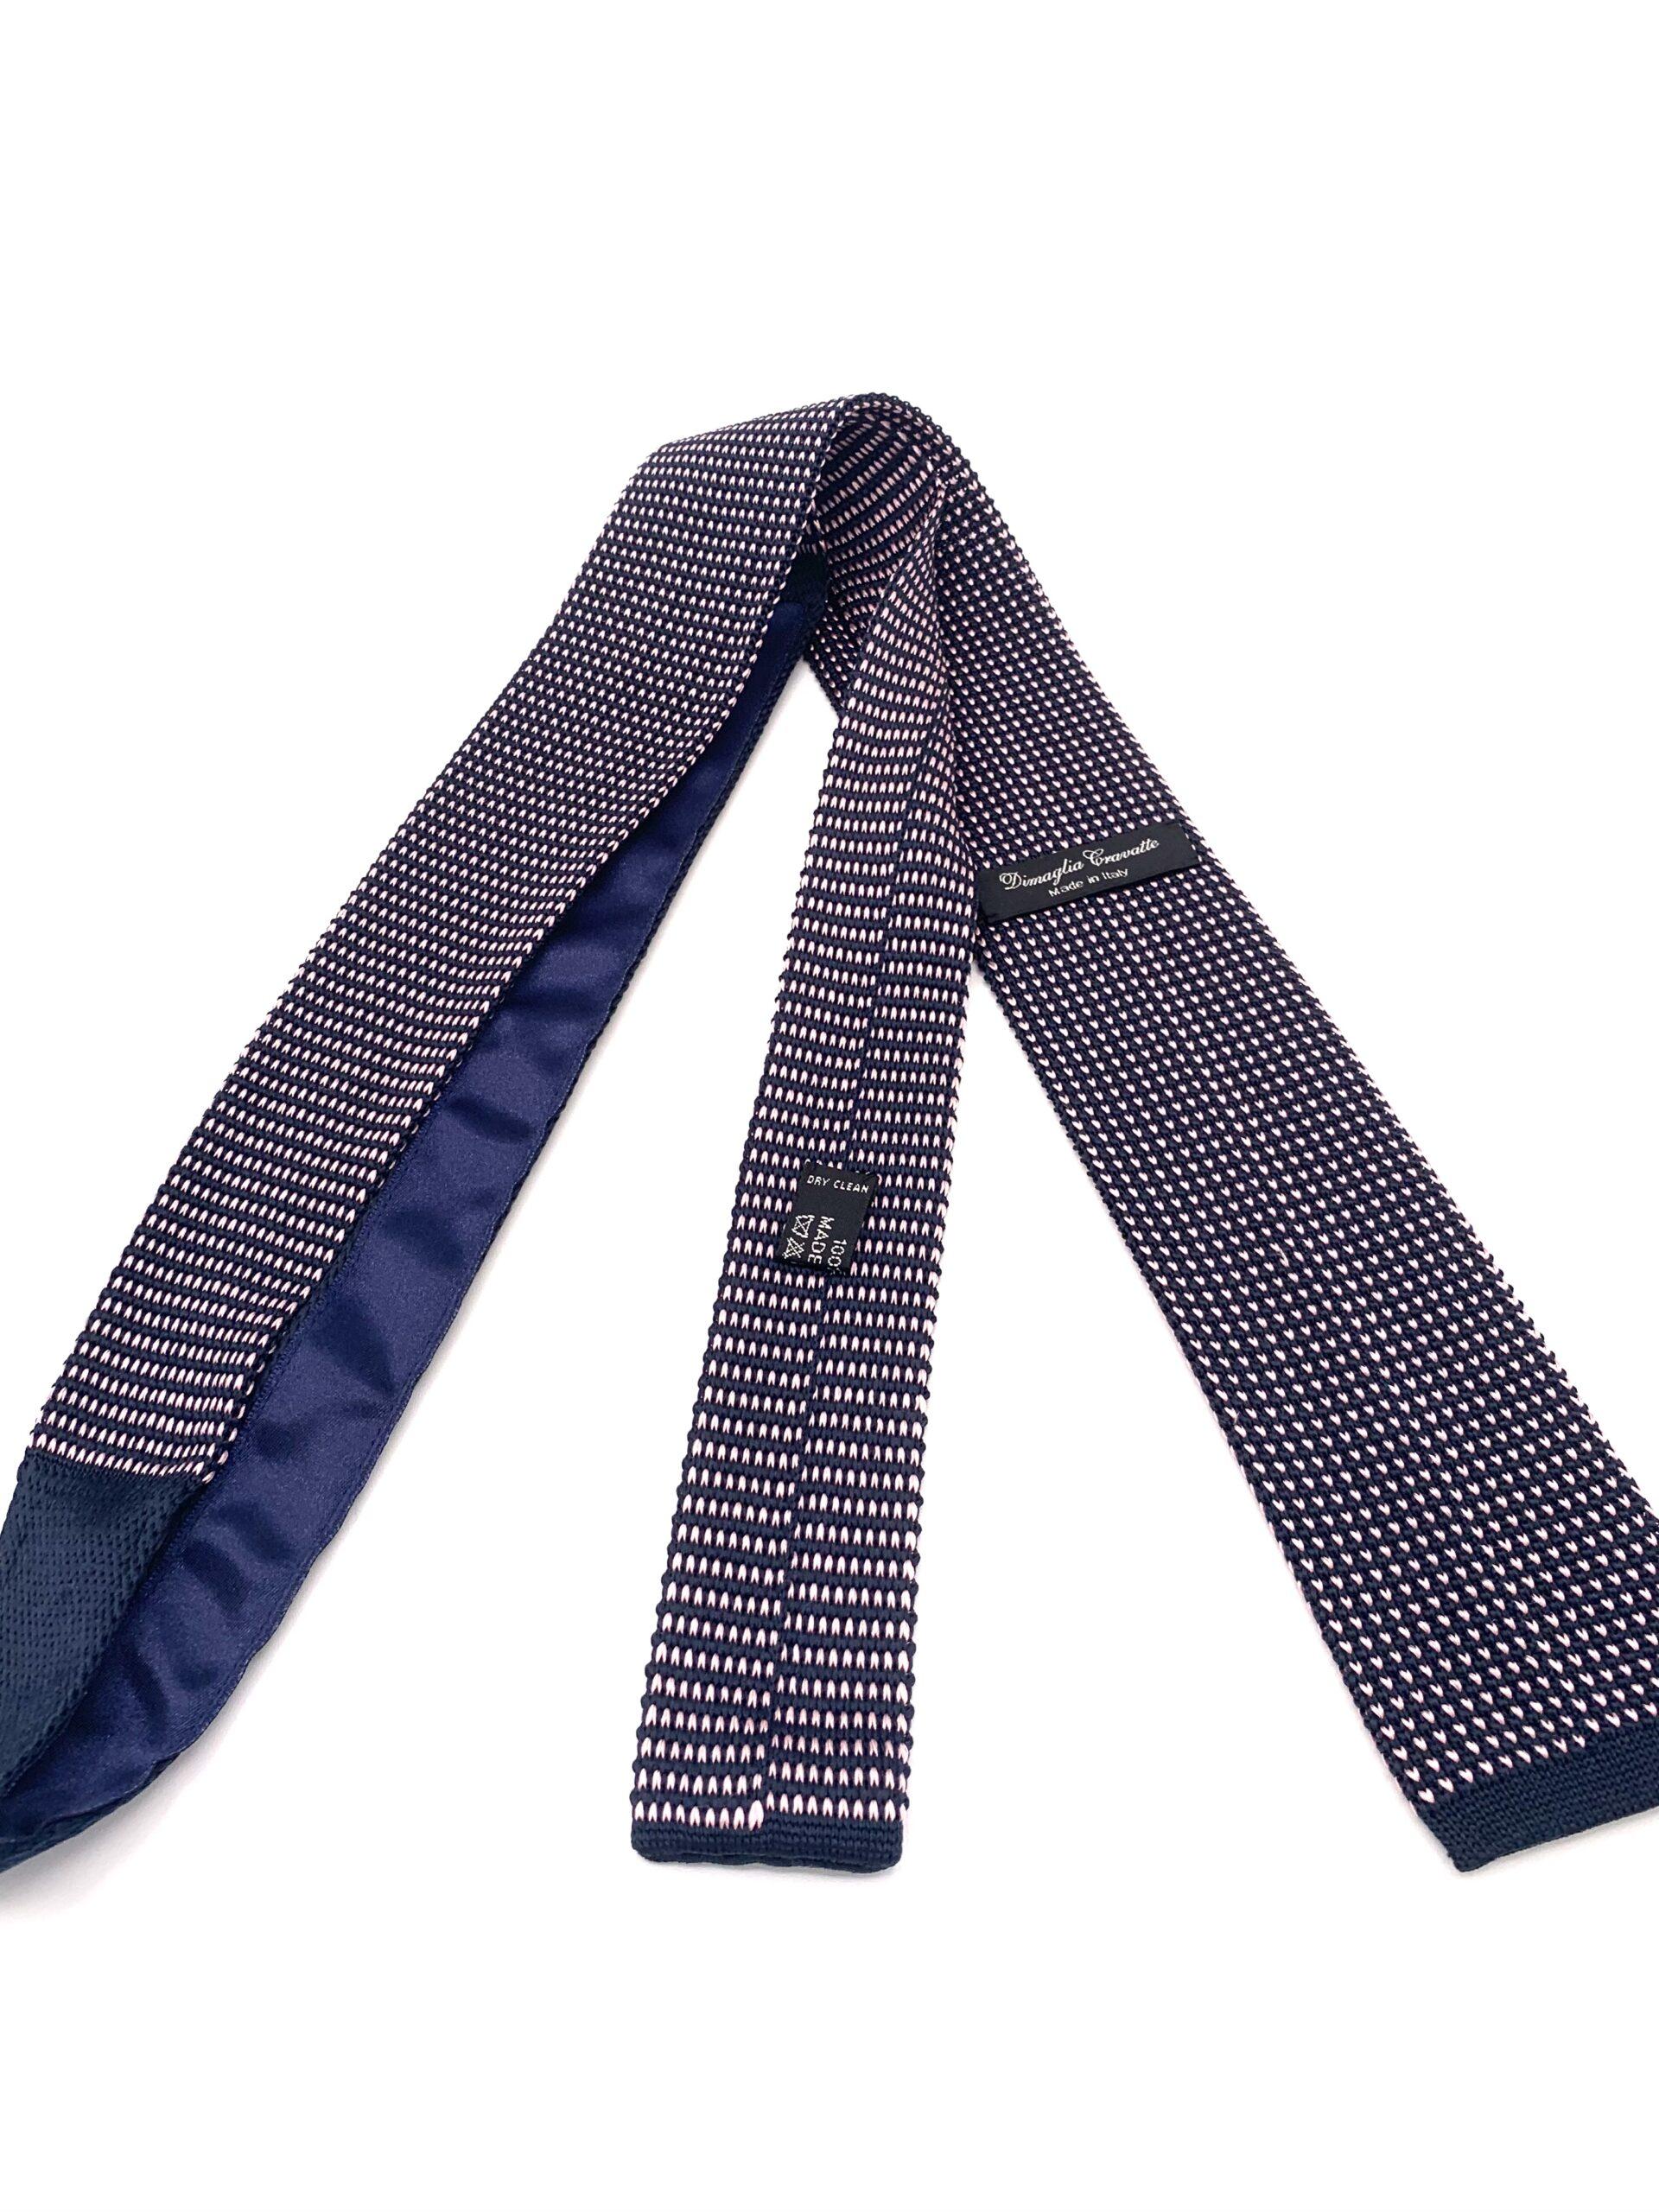 DIMAGLIA - cravatta di maglia con puntini blu e rosa retro